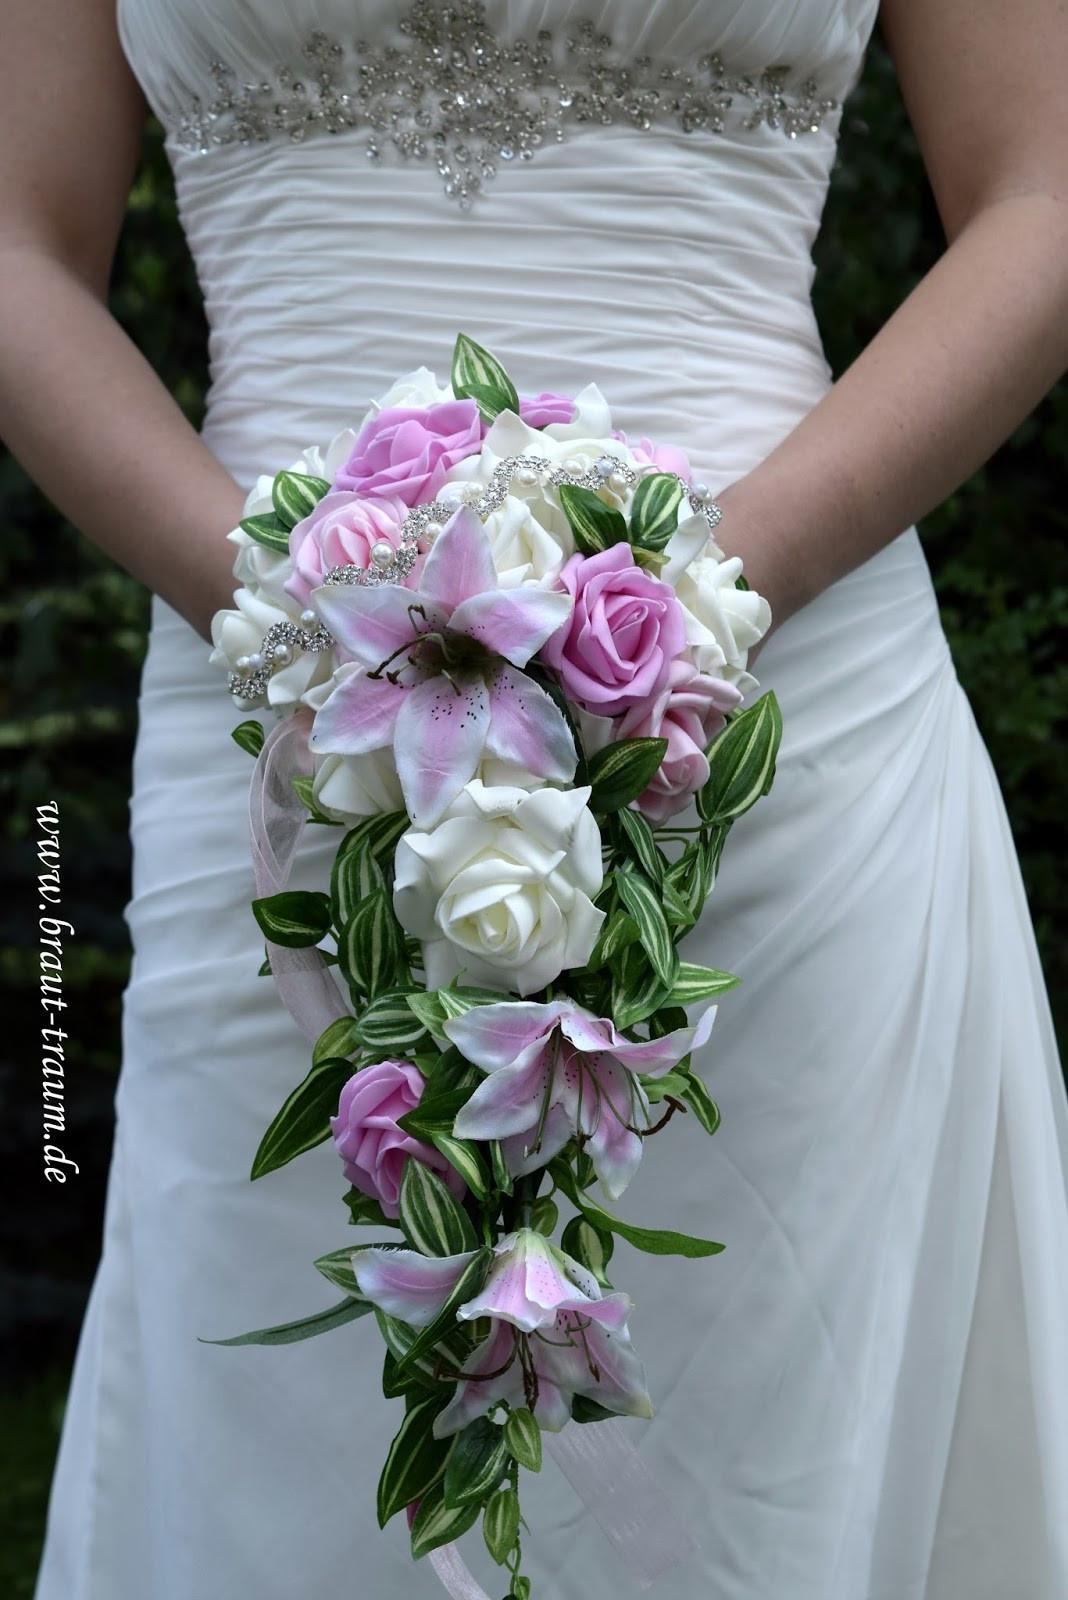 Brautstrauß Juni  Braut Traum Träume werden wahr Brautstrauss